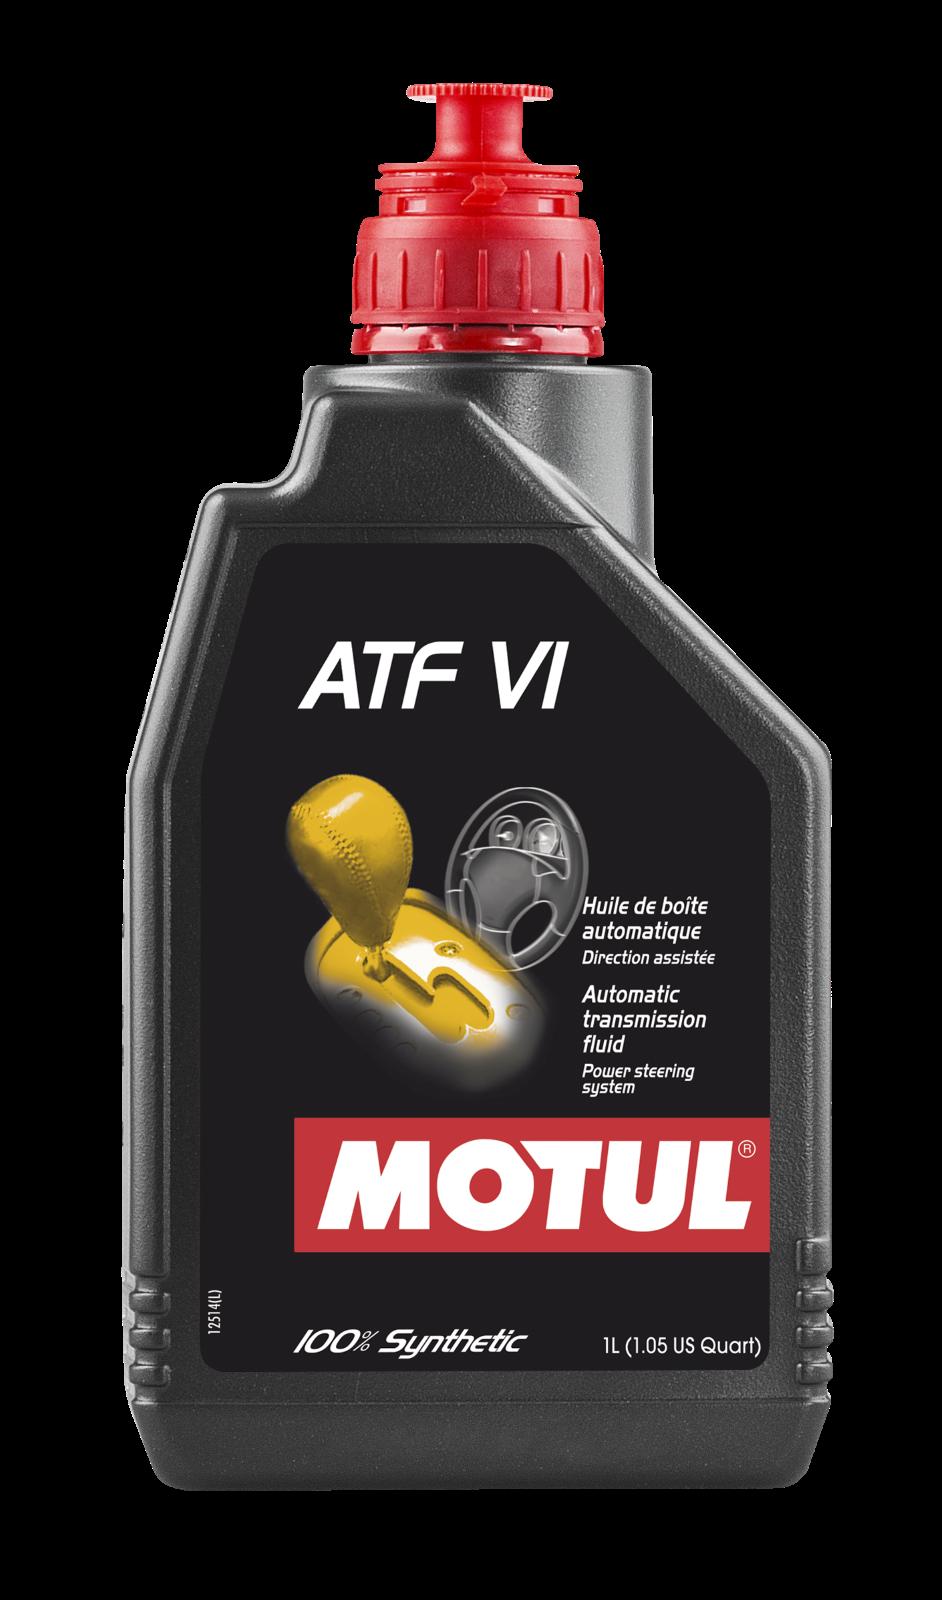 MOTUL AG MOTUL ATF VI 1L